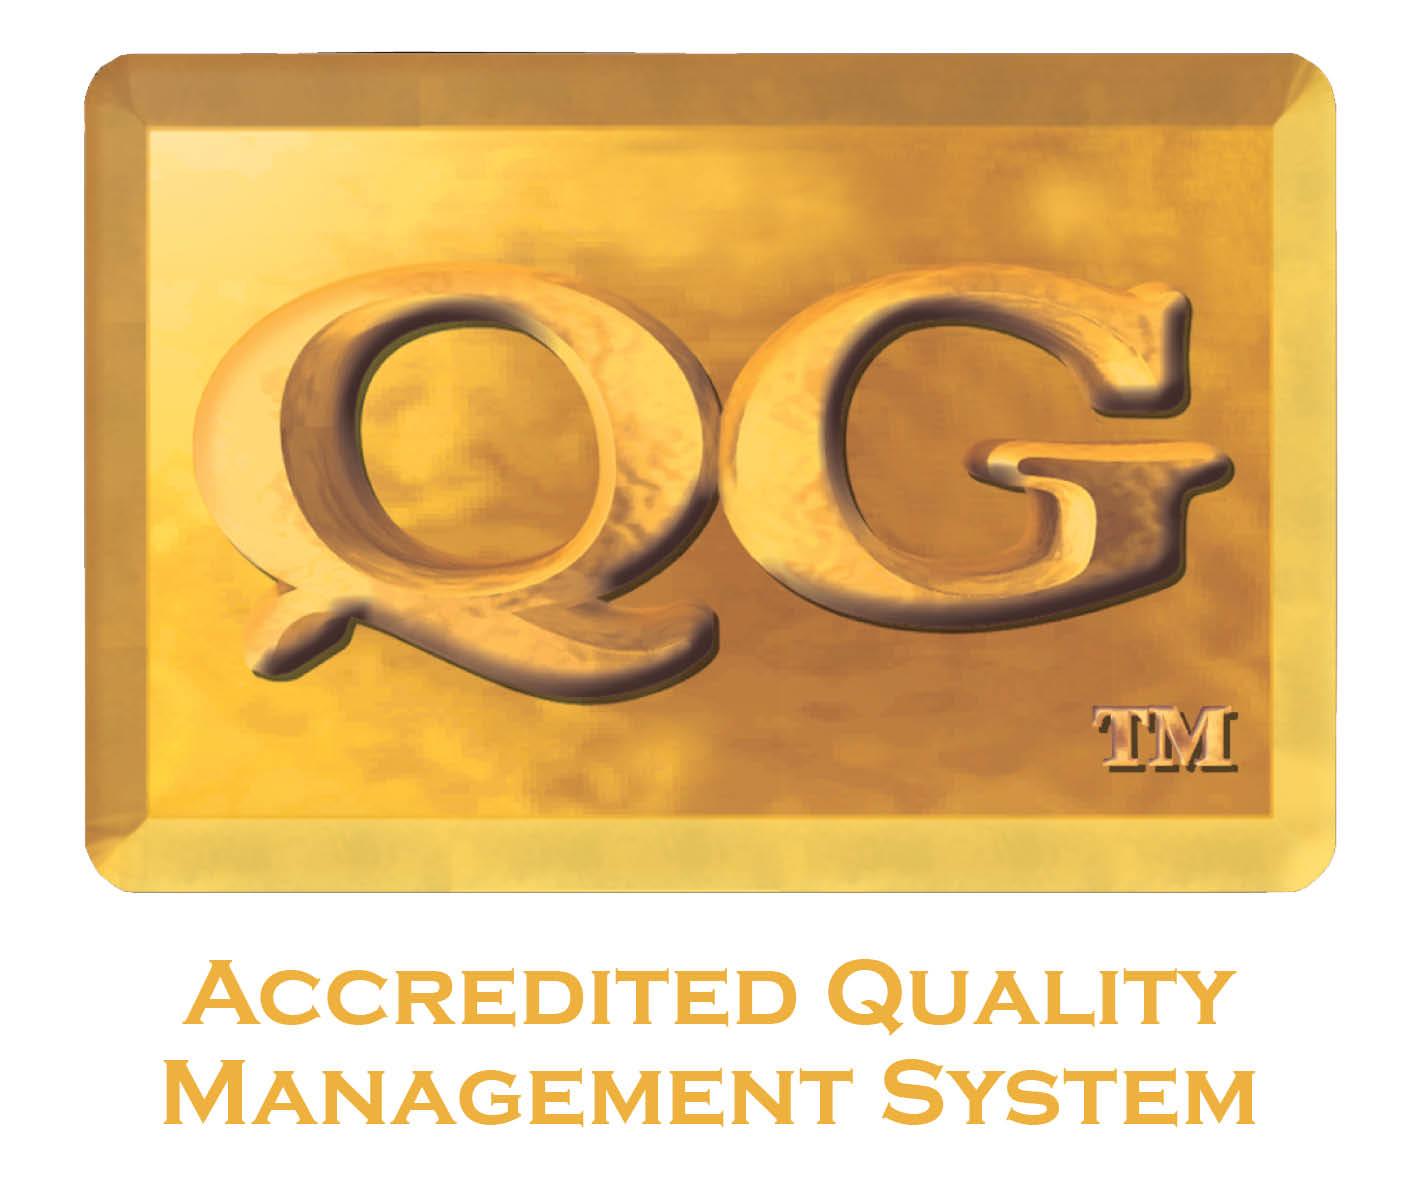 quality guild logo